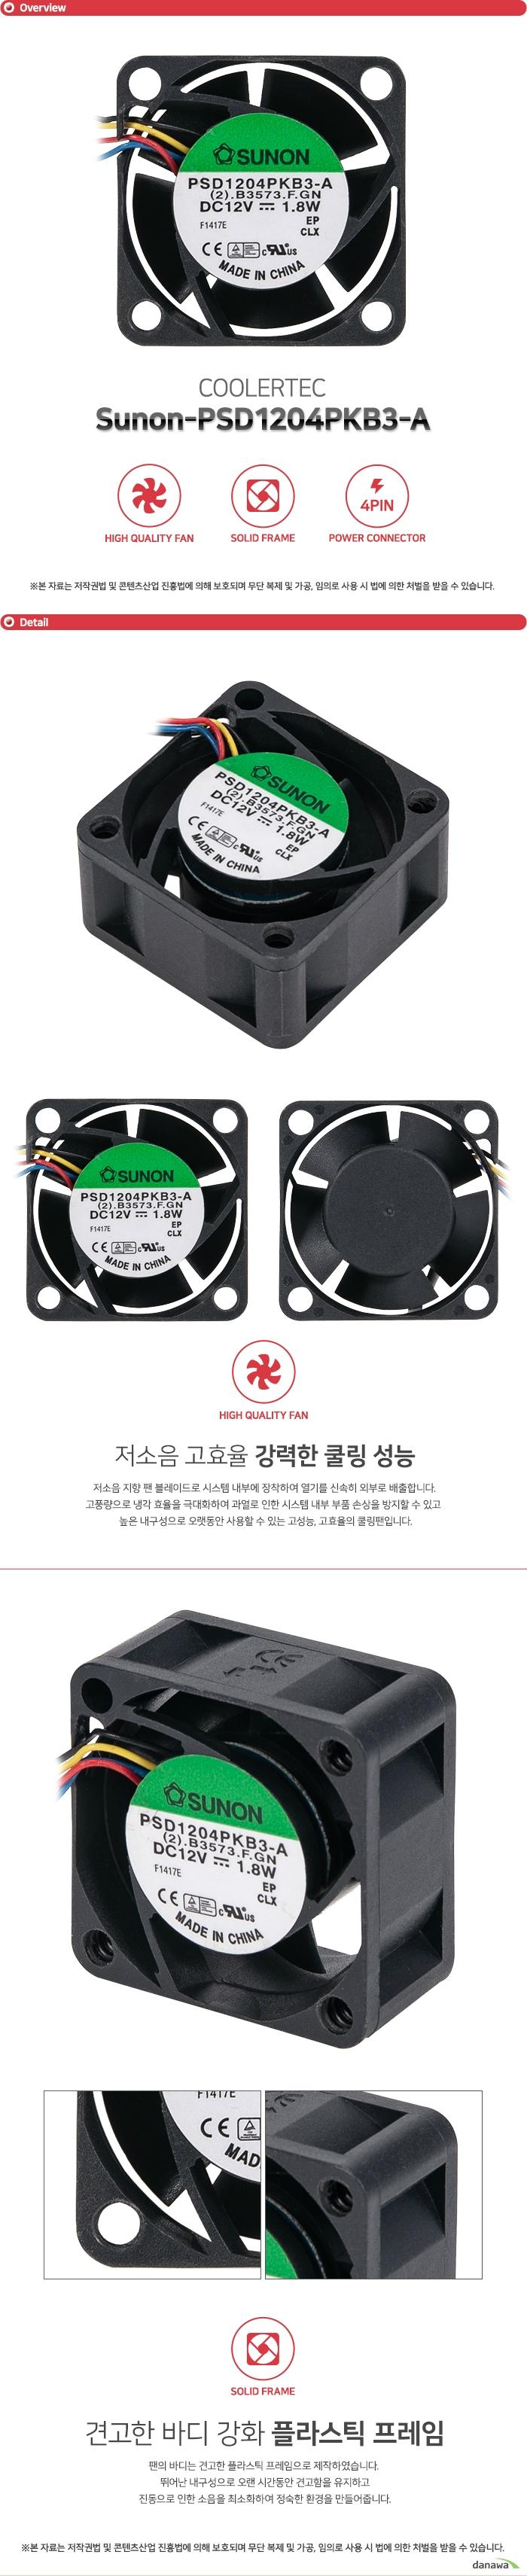 COOLERTEC Sunon-PSD1204PKB3-A 저소음 지향 팬 블레이드로 시스템 내부에 장착하여 열기를 신속히 외부로 배출합니다. 고풍량으로 냉각 효율을 극대화하여 과열로 인한 시스템 내부 부품 손상을 방지할 수 있고 높은 내구성으로 오랫동안 사용할 수 있는 고성능, 고효율의 쿨링팬입니다. 팬의 바디는 견고한 플라스틱 프레임으로 제작하였습니다. 뛰어난 내구성으로 오랜 시간동안 견고함을 유지하고 진동으로 인한 소음을 최소화하여 정숙한 환경을 만들어줍니다. 메인보드나 파워 서플라이 커넥터에 자유롭게 이용할 수 있도록 4핀 전원 커넥터를 지원합니다. 뛰어난 호환성으로 모든 시스템에 사용 가능하며 팬에 설정된 최적의 RPM으로 동작합니다.